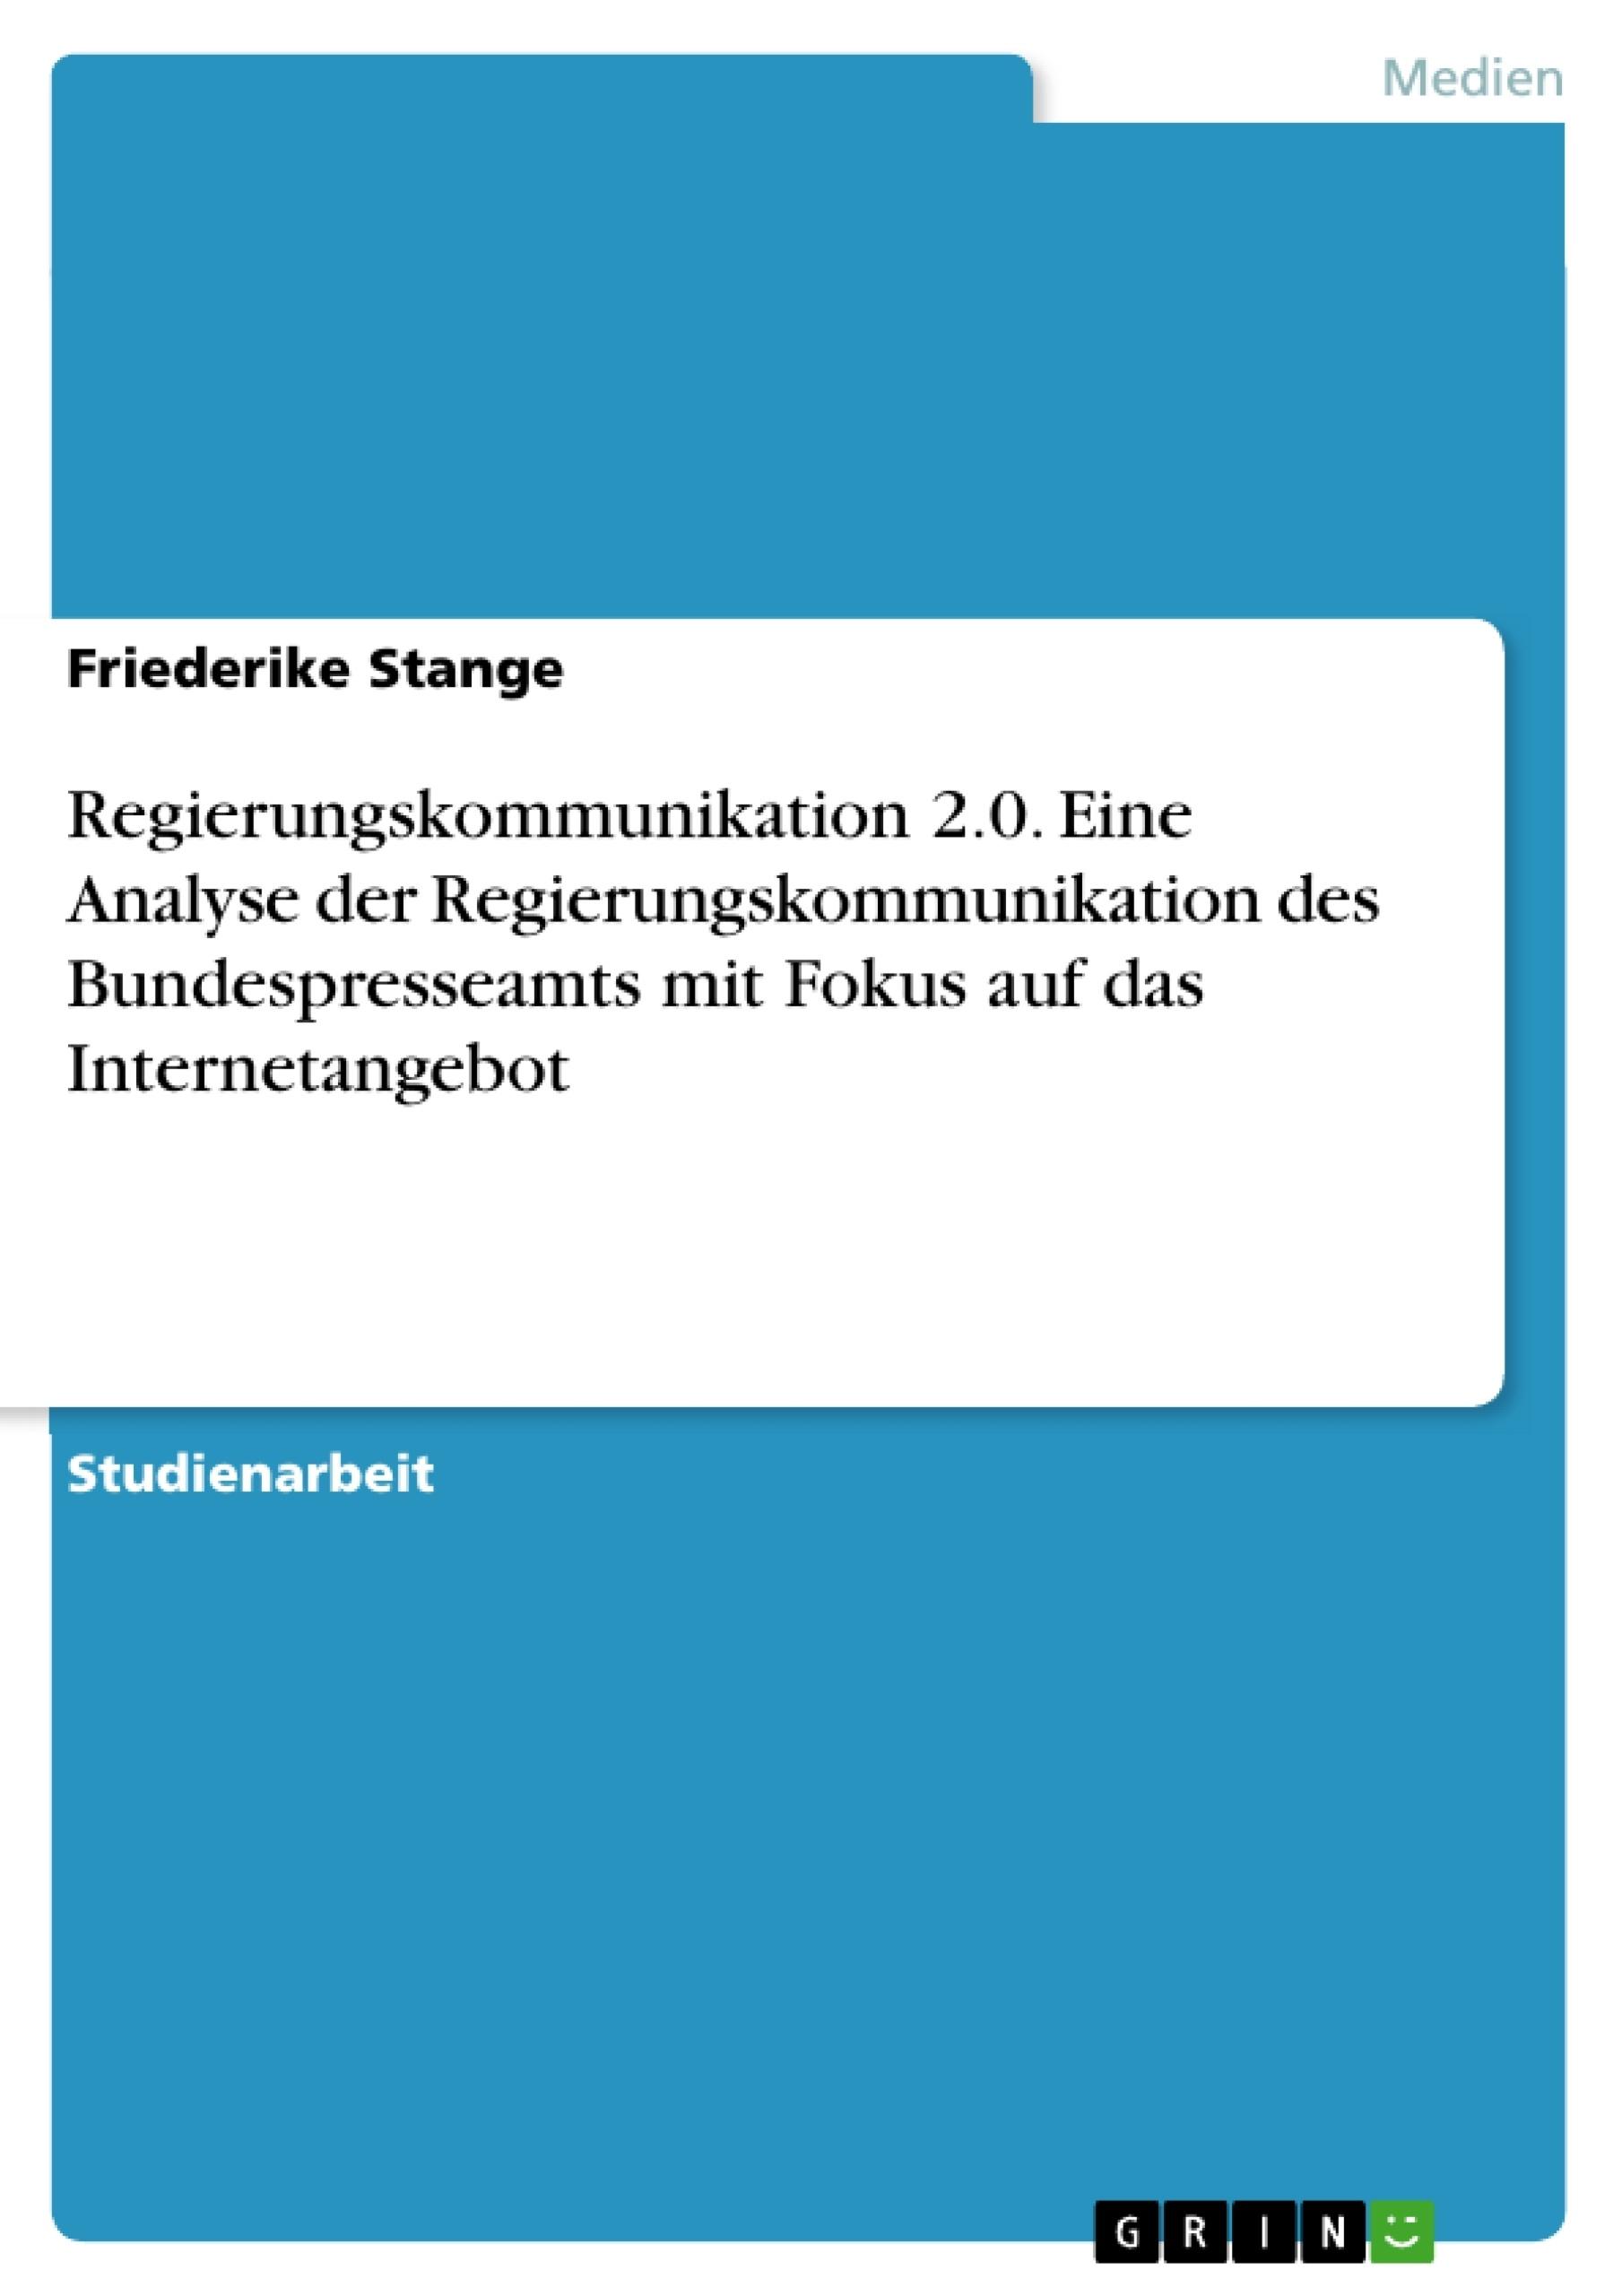 Titel: Regierungskommunikation 2.0. Eine Analyse der Regierungskommunikation des Bundespresseamts mit Fokus auf das Internetangebot